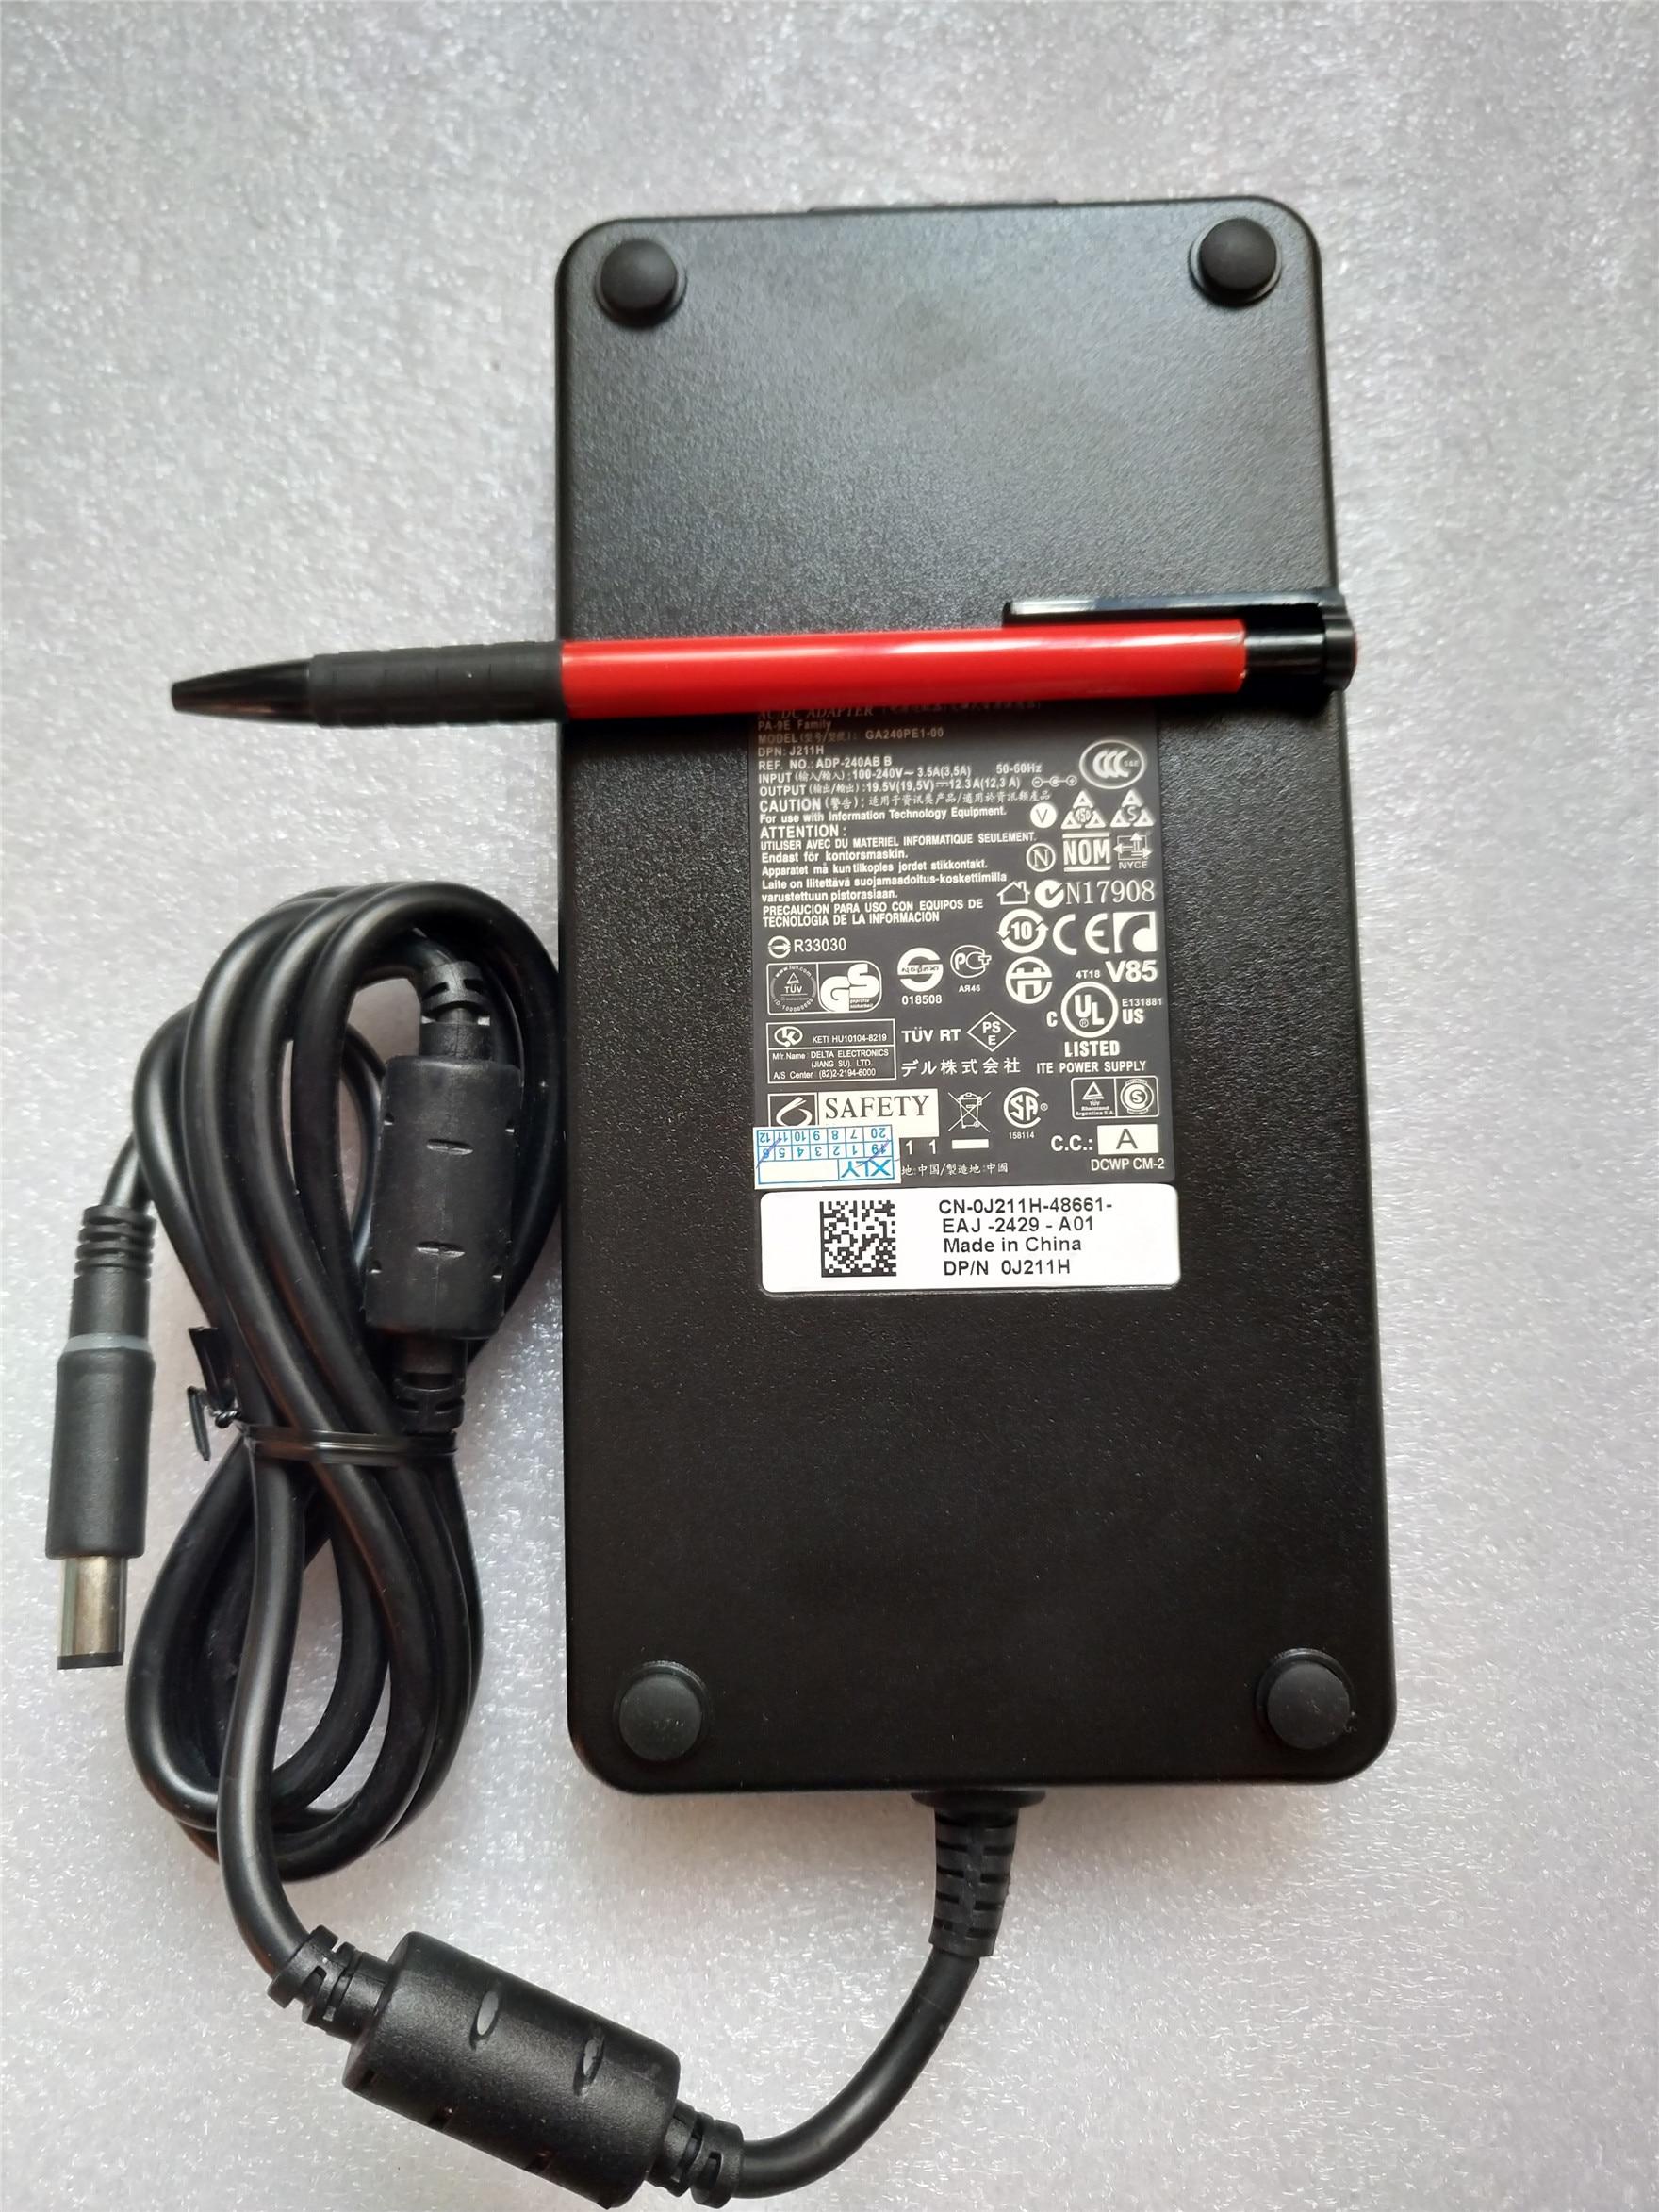 Зарядное устройство 19,5 в, 10,8 А, а, адаптер питания переменного тока для DELL Alienware 14 13 R2 R3 17 R3 Precision M4700 M6400 M6600 M6700 M6800 M6500